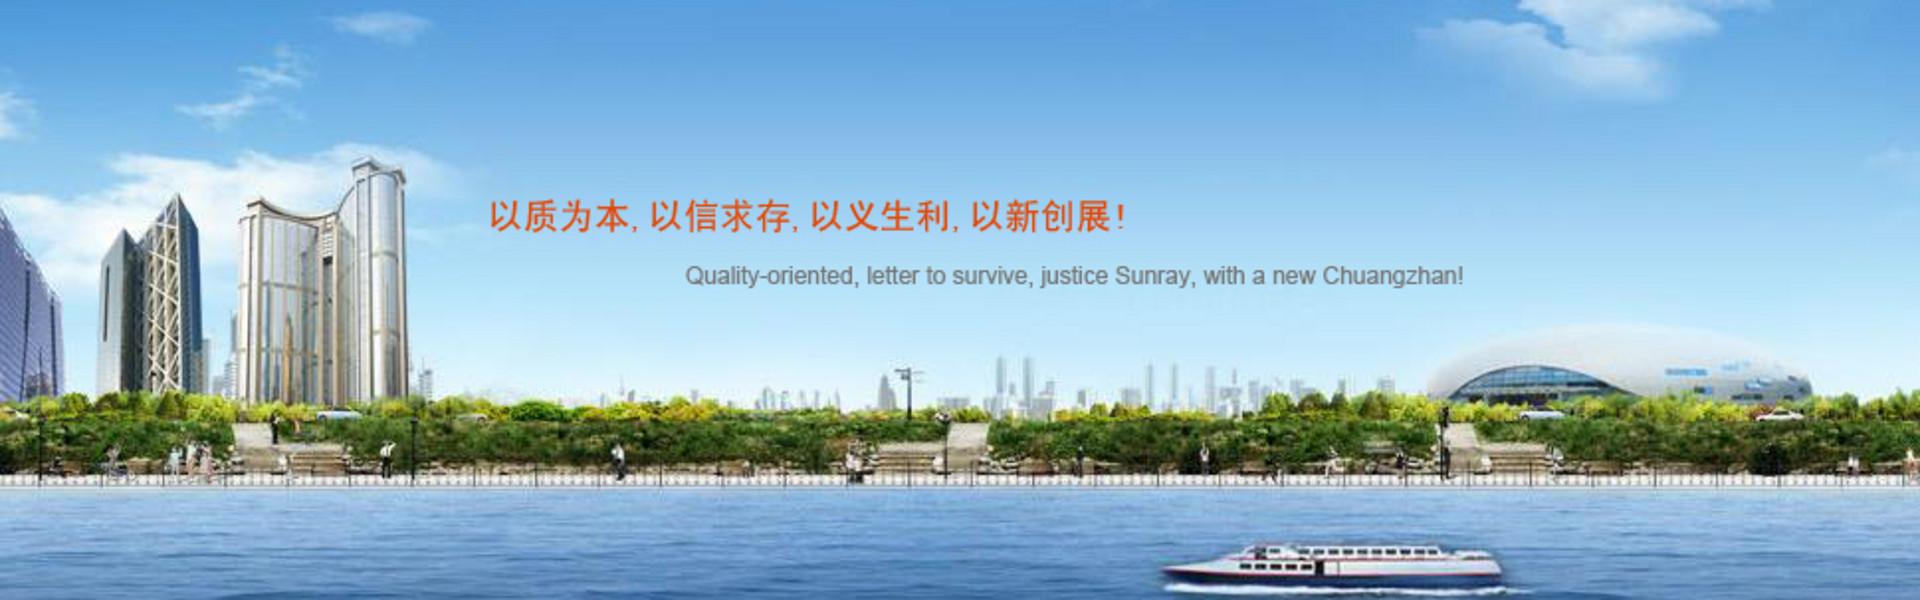 南京水磨石